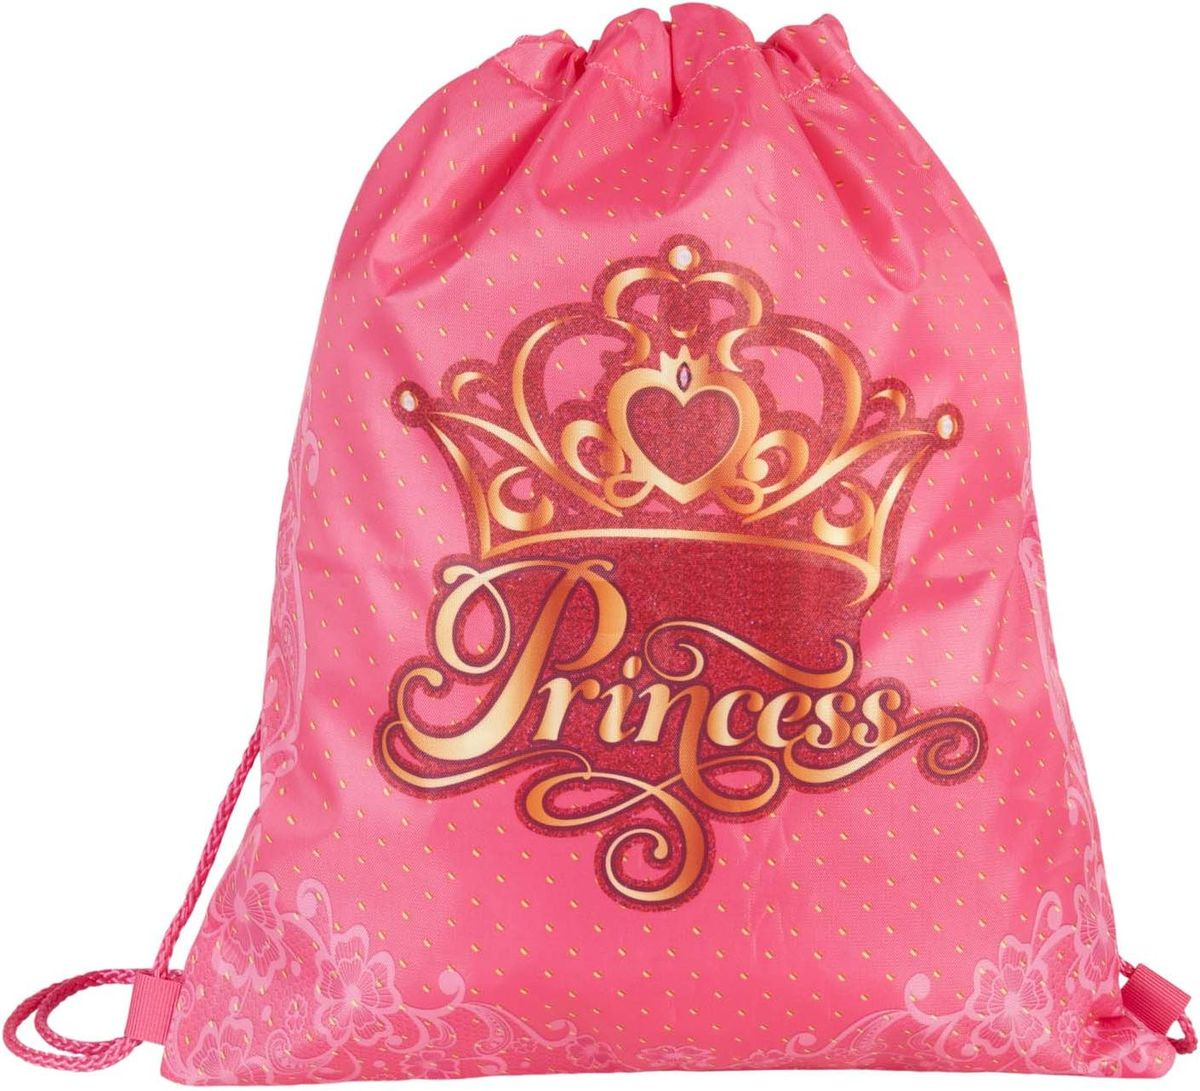 Target Collection Сумка для детской сменной обуви Принцесса 1790817908Сумка для переноски детской обуви Target Collection Принцесса, выполнена из плотного водостойкого материала, затягивается сверху шнурком и носится, как рюкзак.